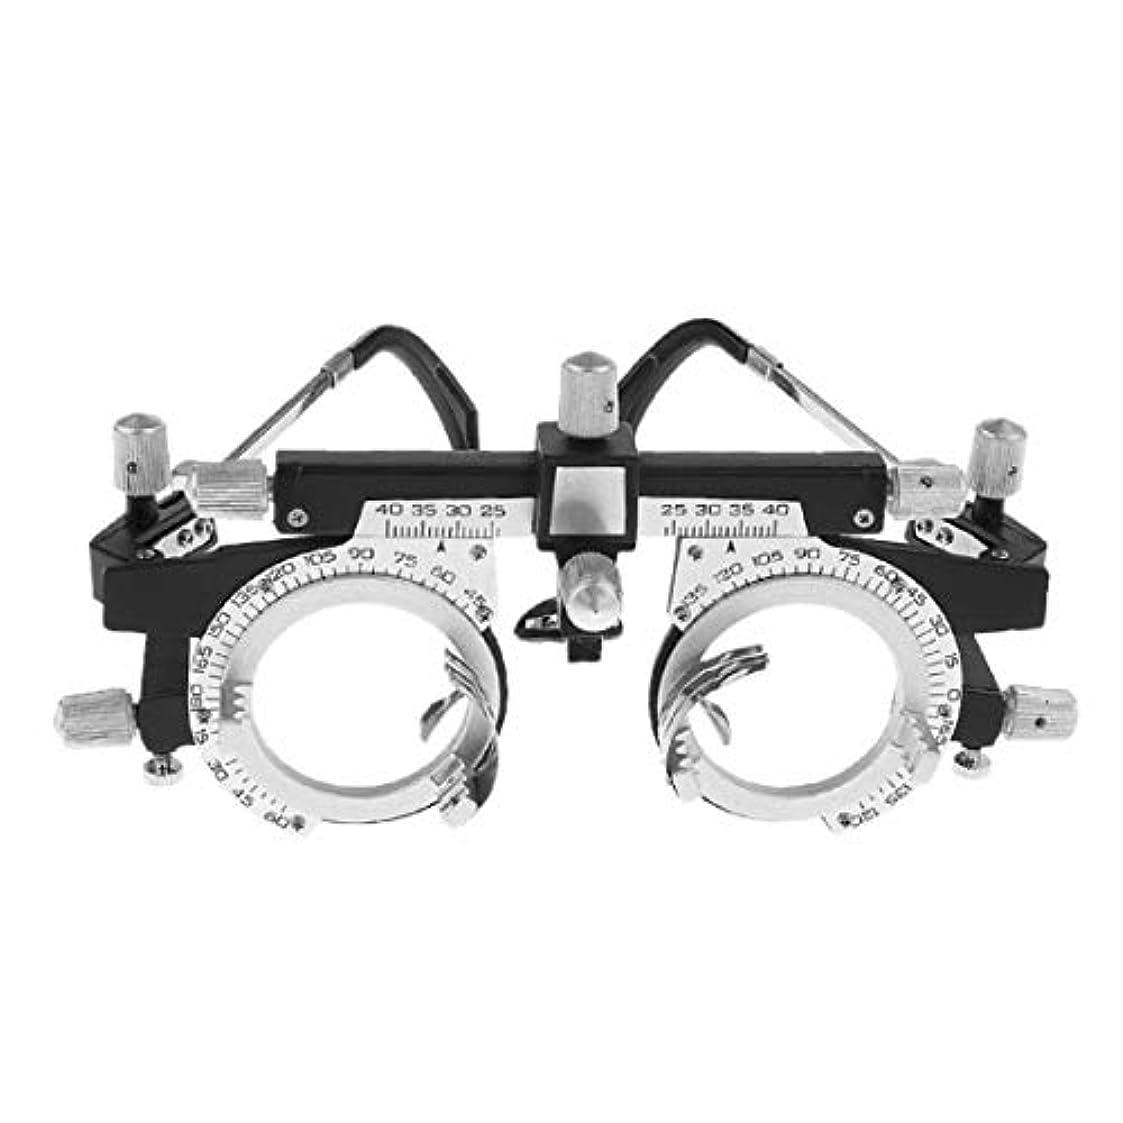 名前存在する広範囲に調節可能なプロフェッショナルアイウェア検眼メタルフレーム光学オプティクストライアルレンズメタルフレームPDメガネアクセサリー (Rustle666)